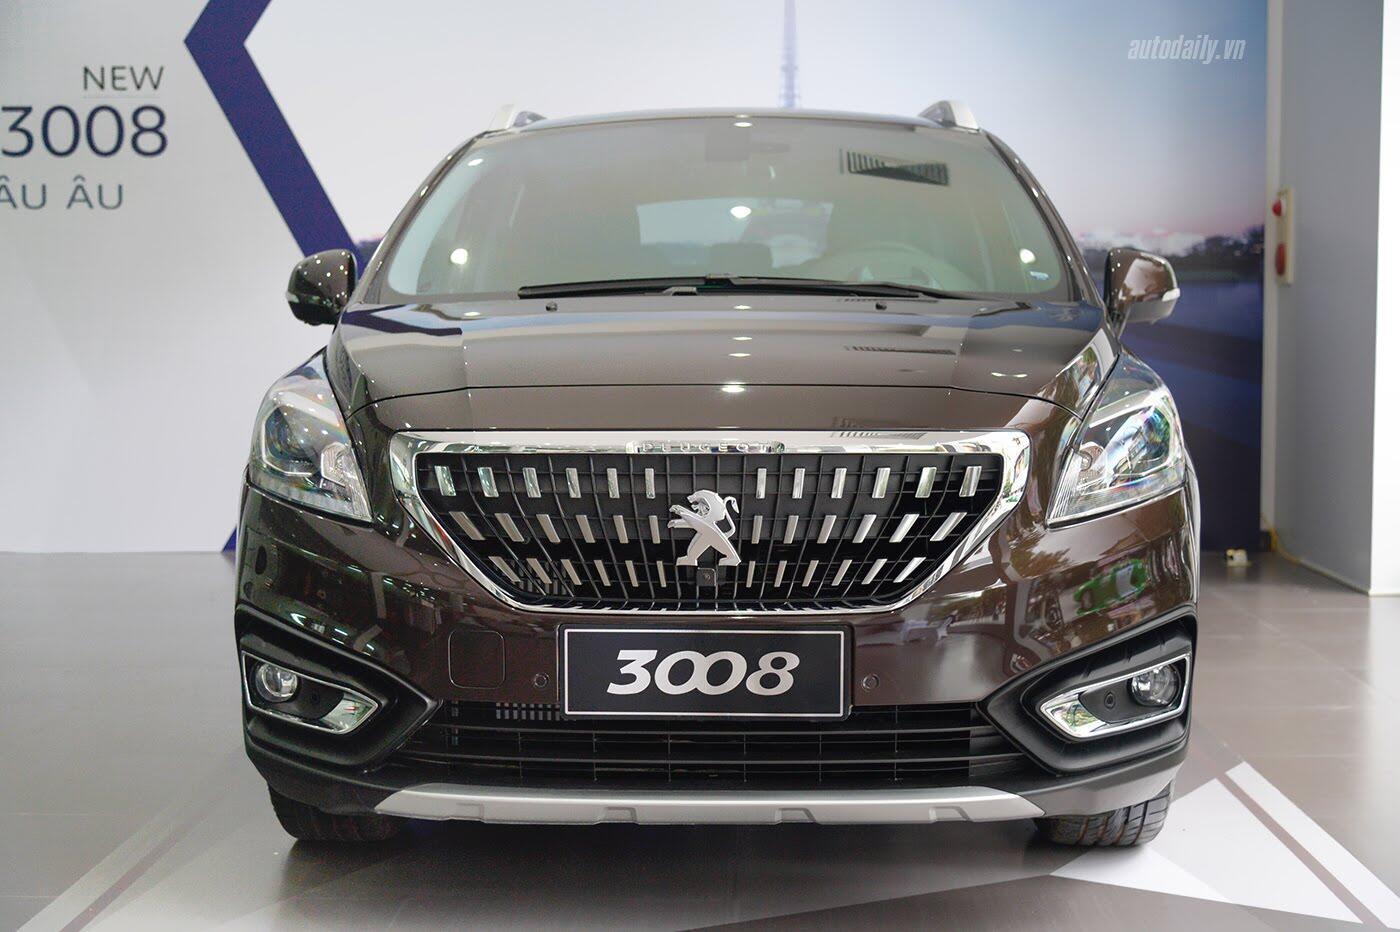 Cận cảnh Peugeot 3008 bản nâng cấp vừa ra mắt tại Việt Nam - Hình 2